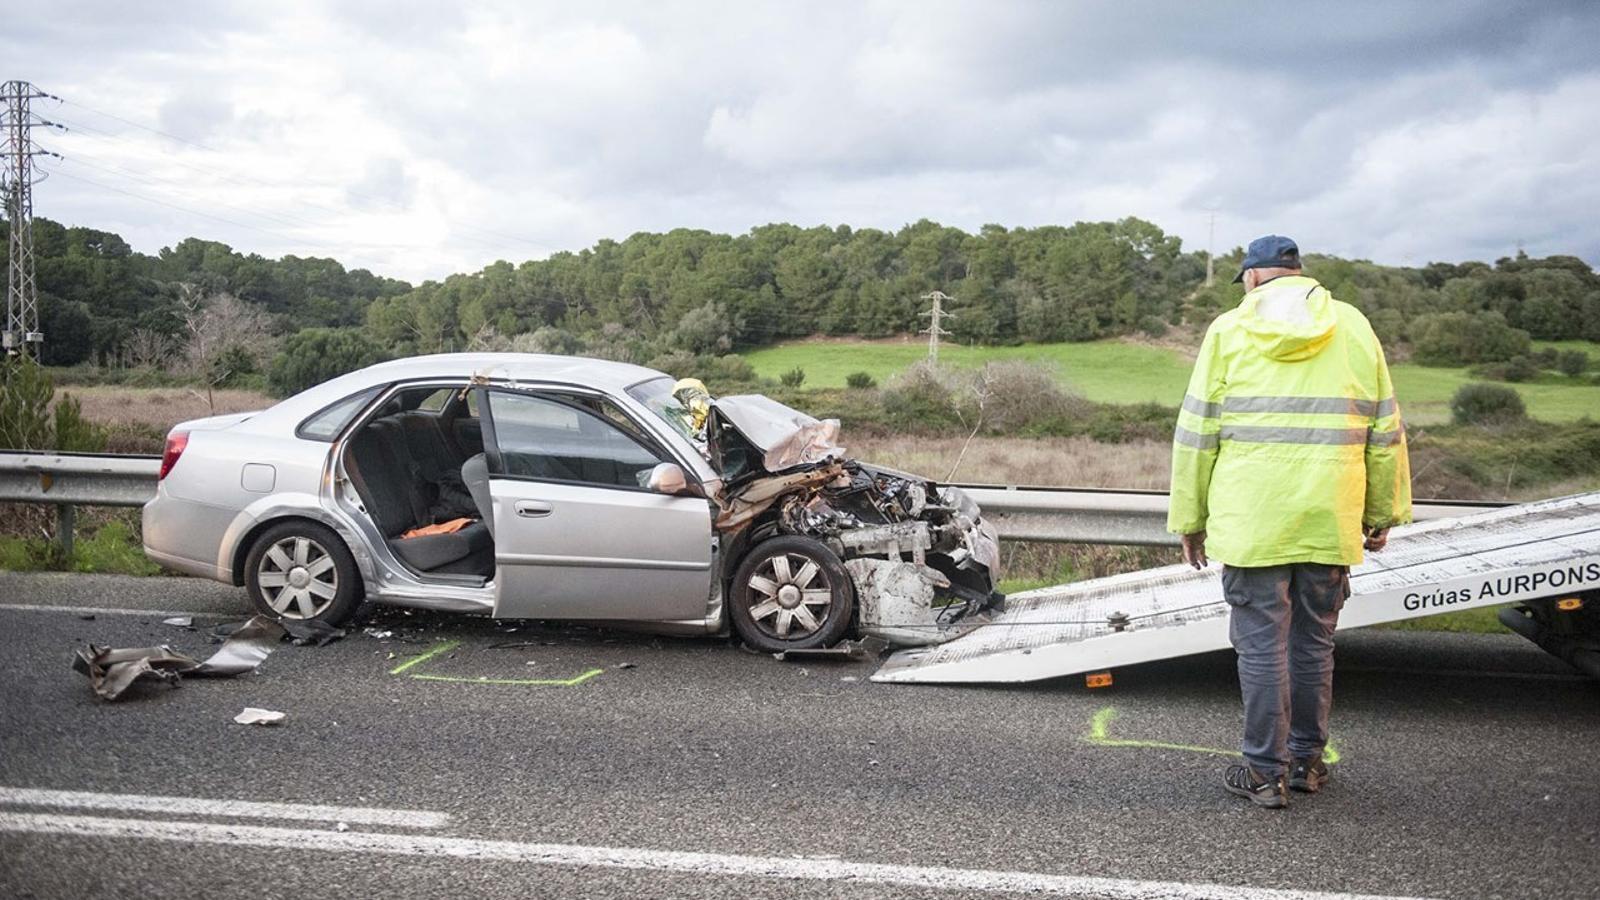 Amb aquesta ja són 5 les víctimes mortals a la carretera de Menorca durant el 2018.